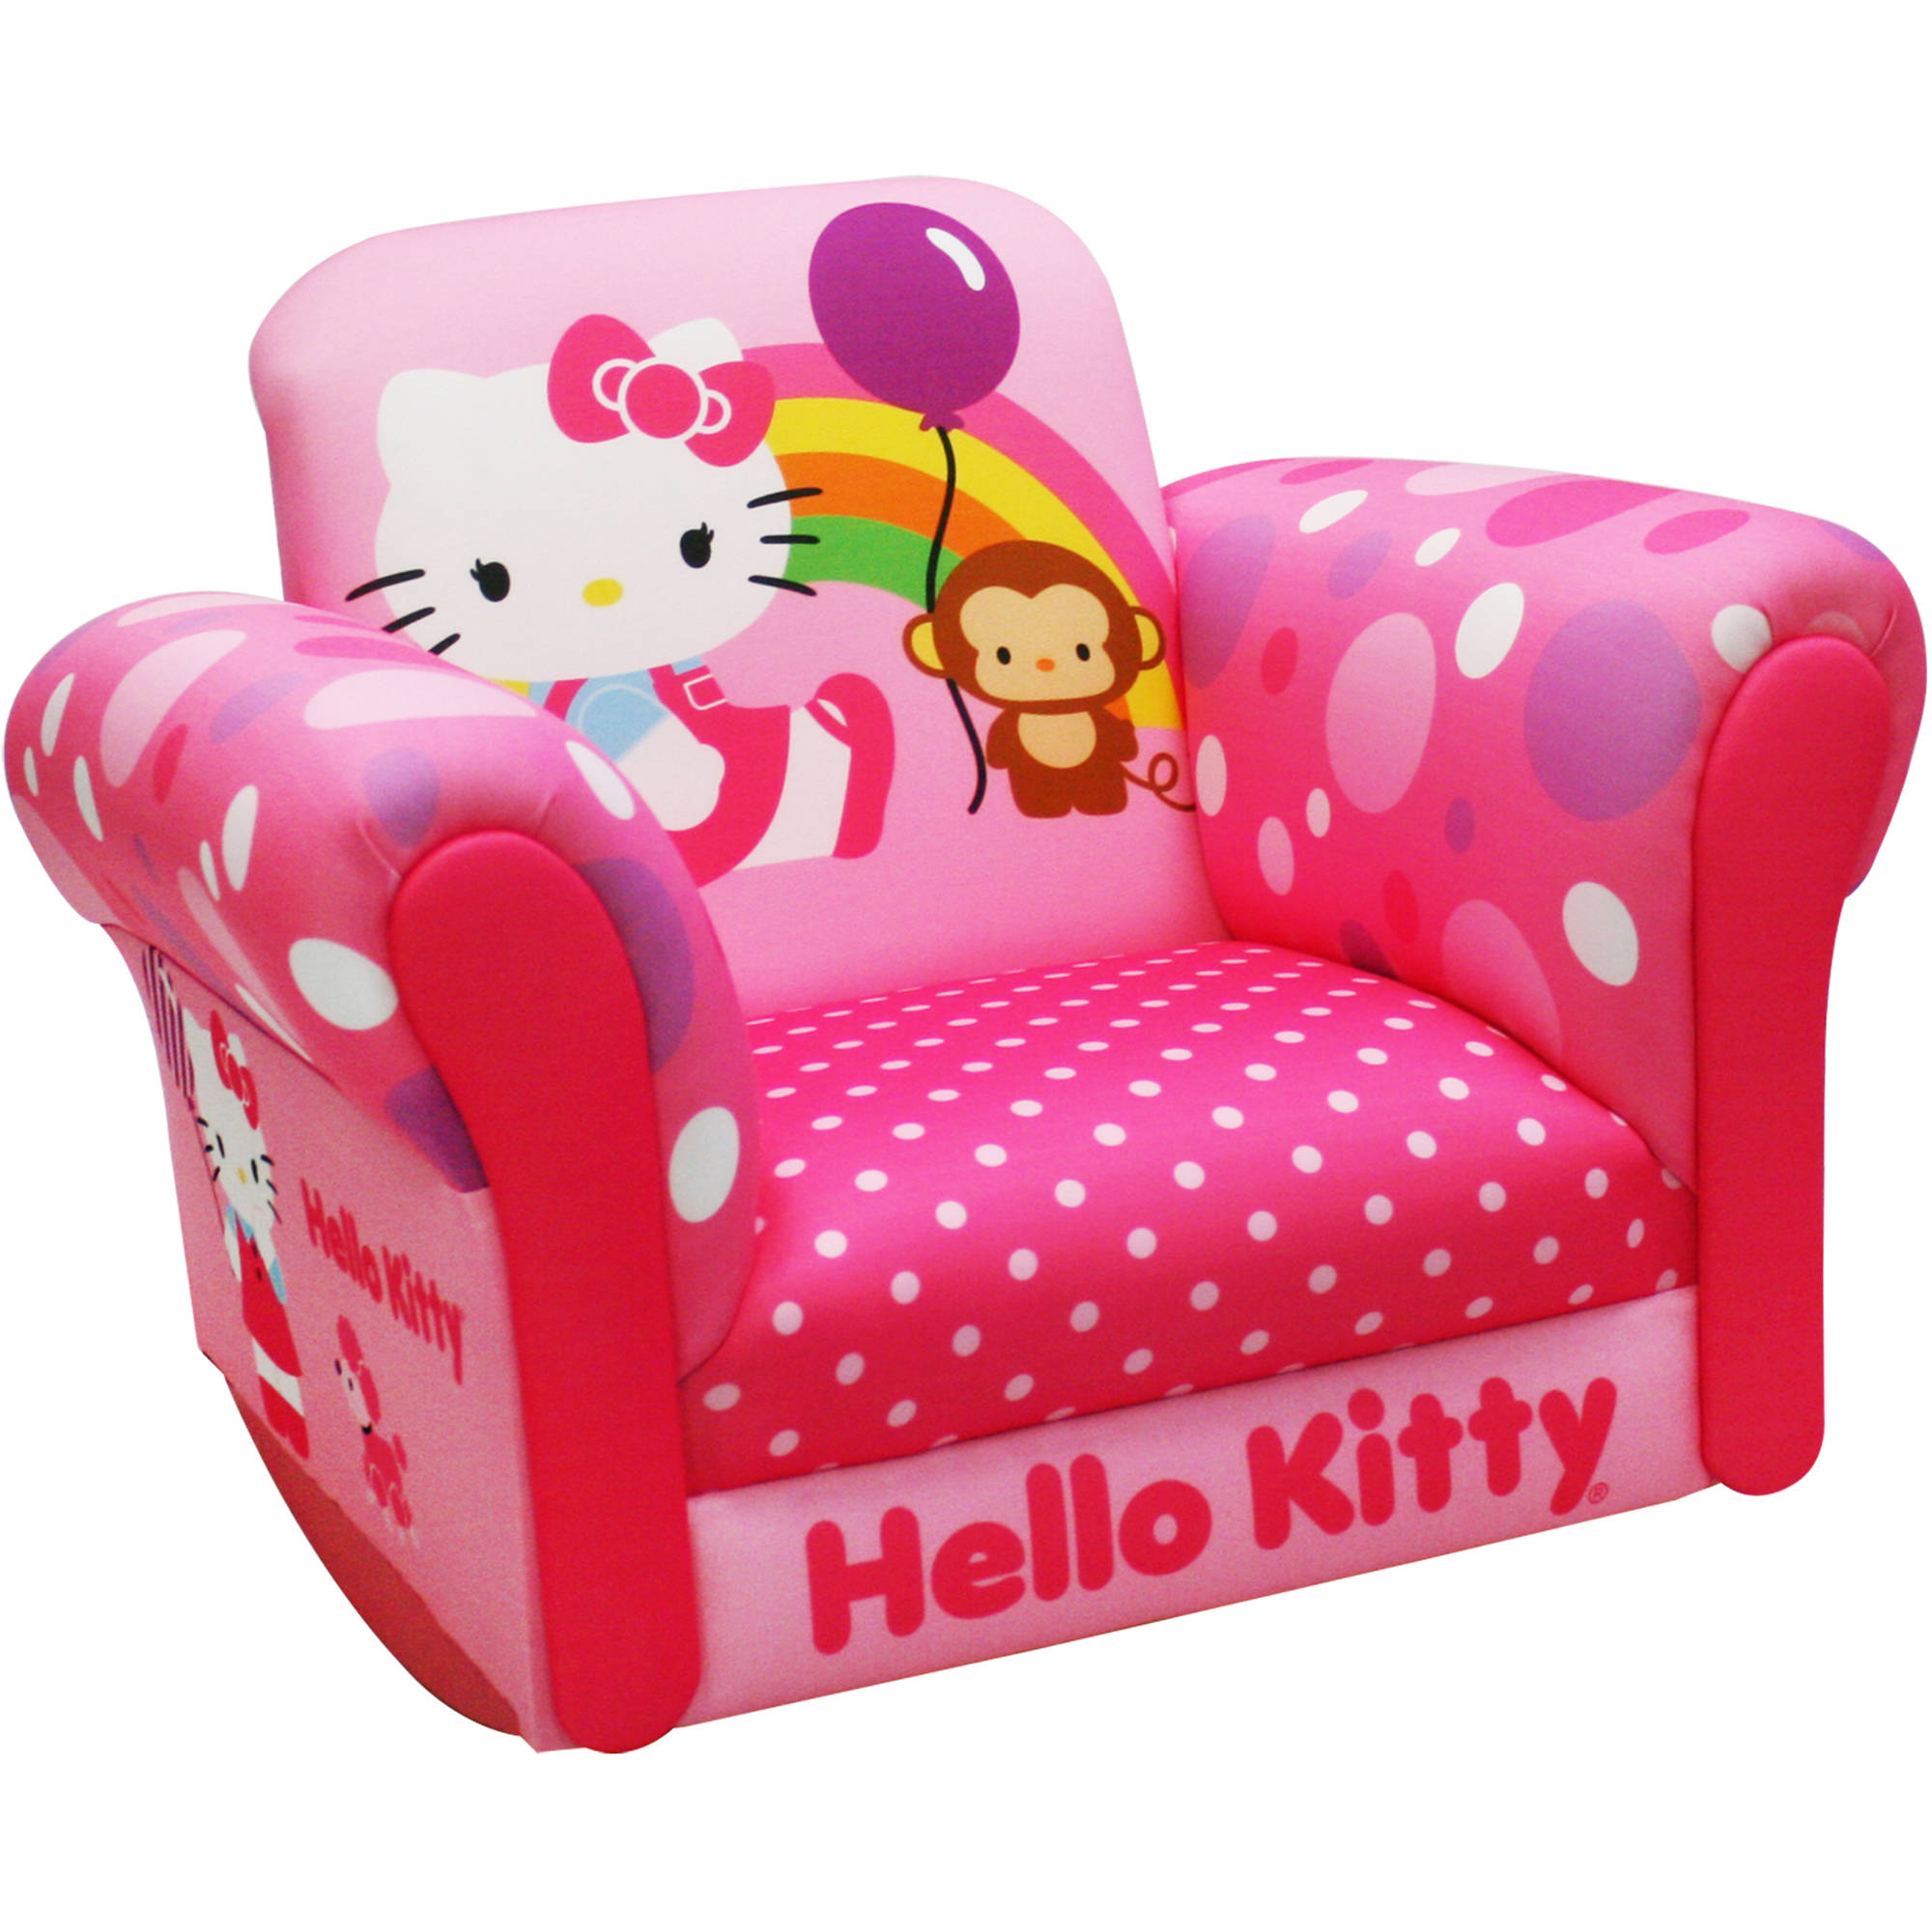 Hello Kitty Balloon Deluxe Rocker